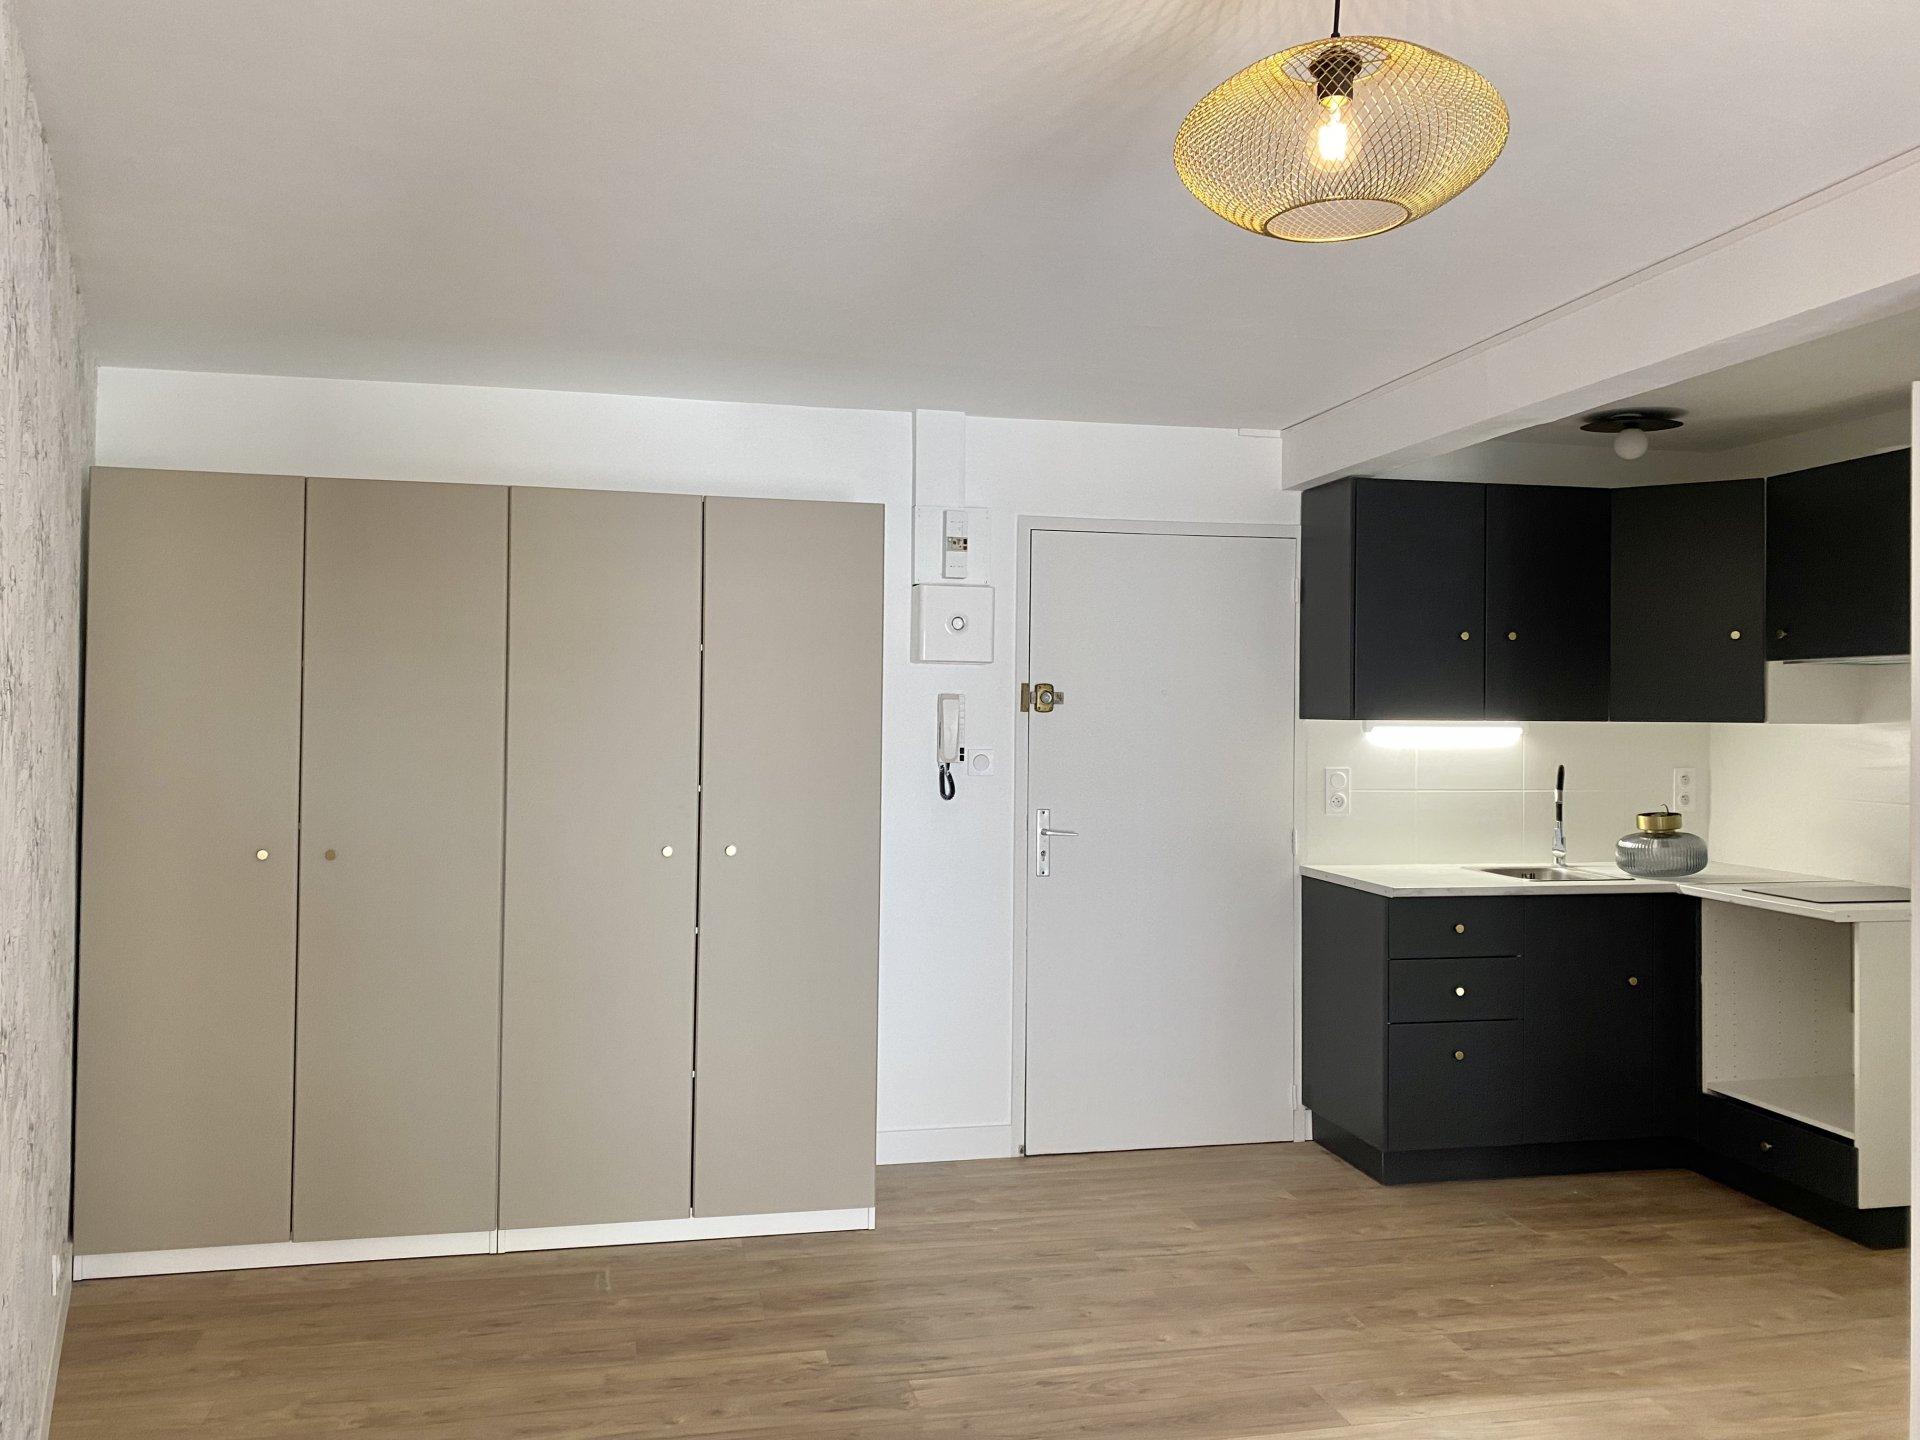 Appartement T2 - 36m2 - avec ascenseur (Saint Aubin)